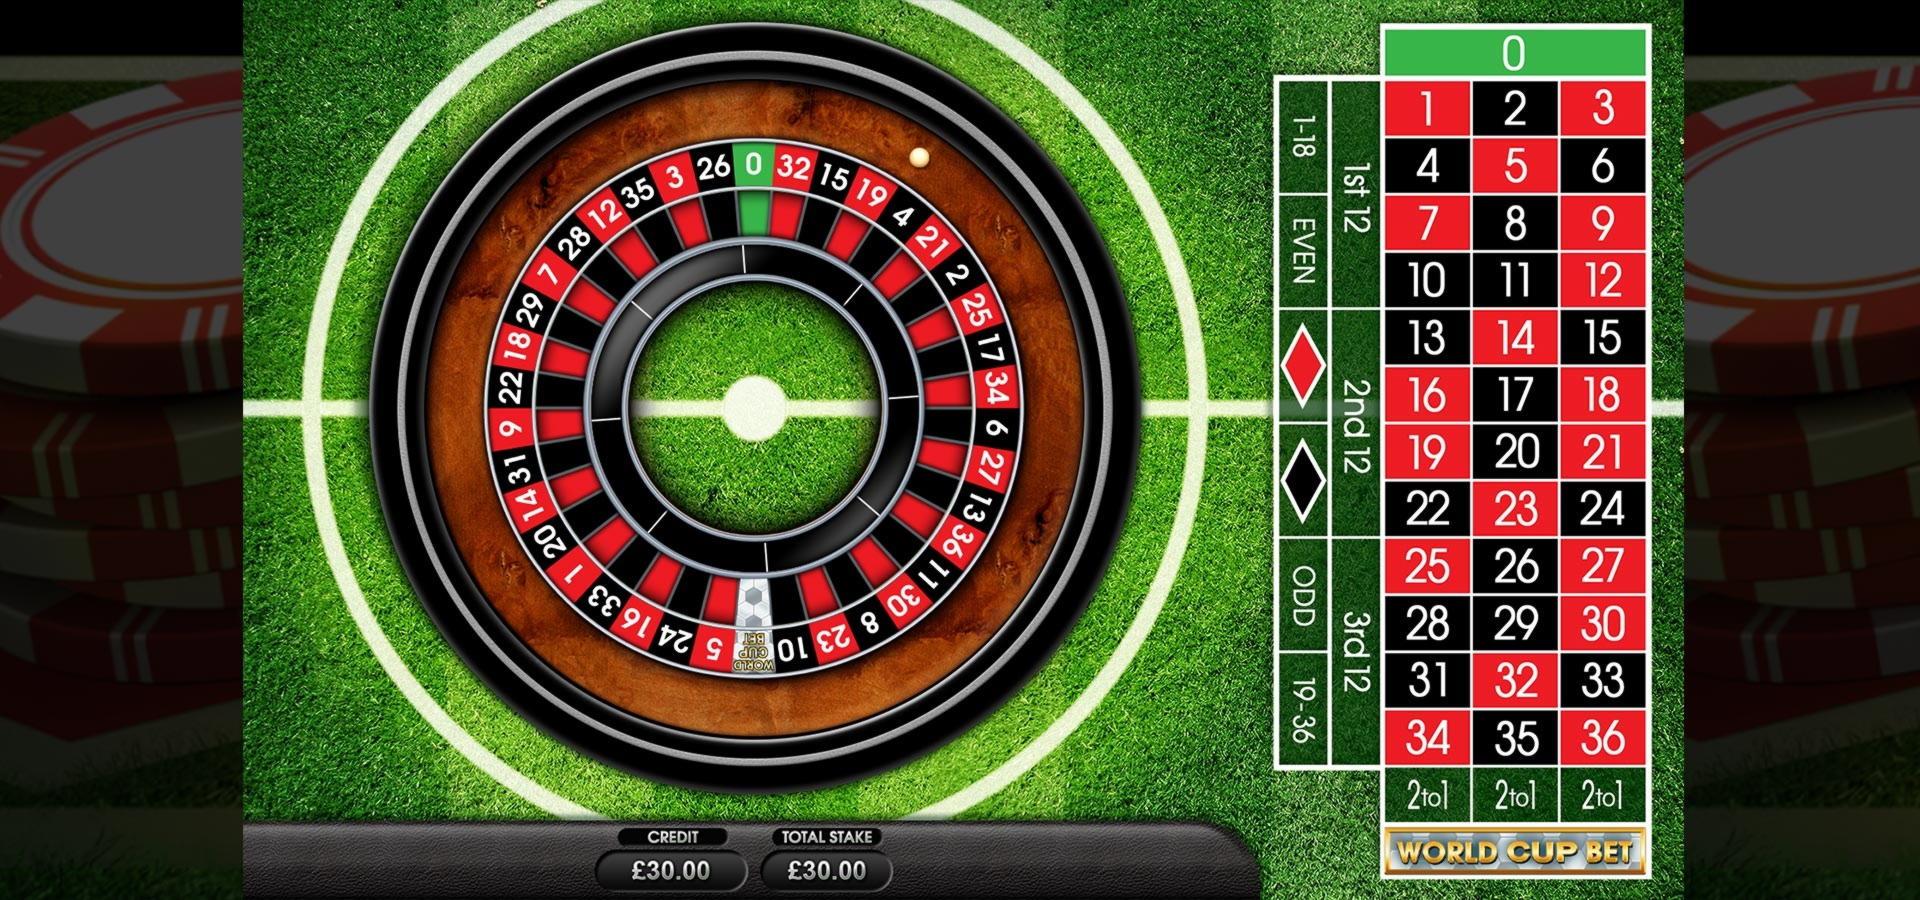 Eur 3215 Ingen innskudd på PH Casino